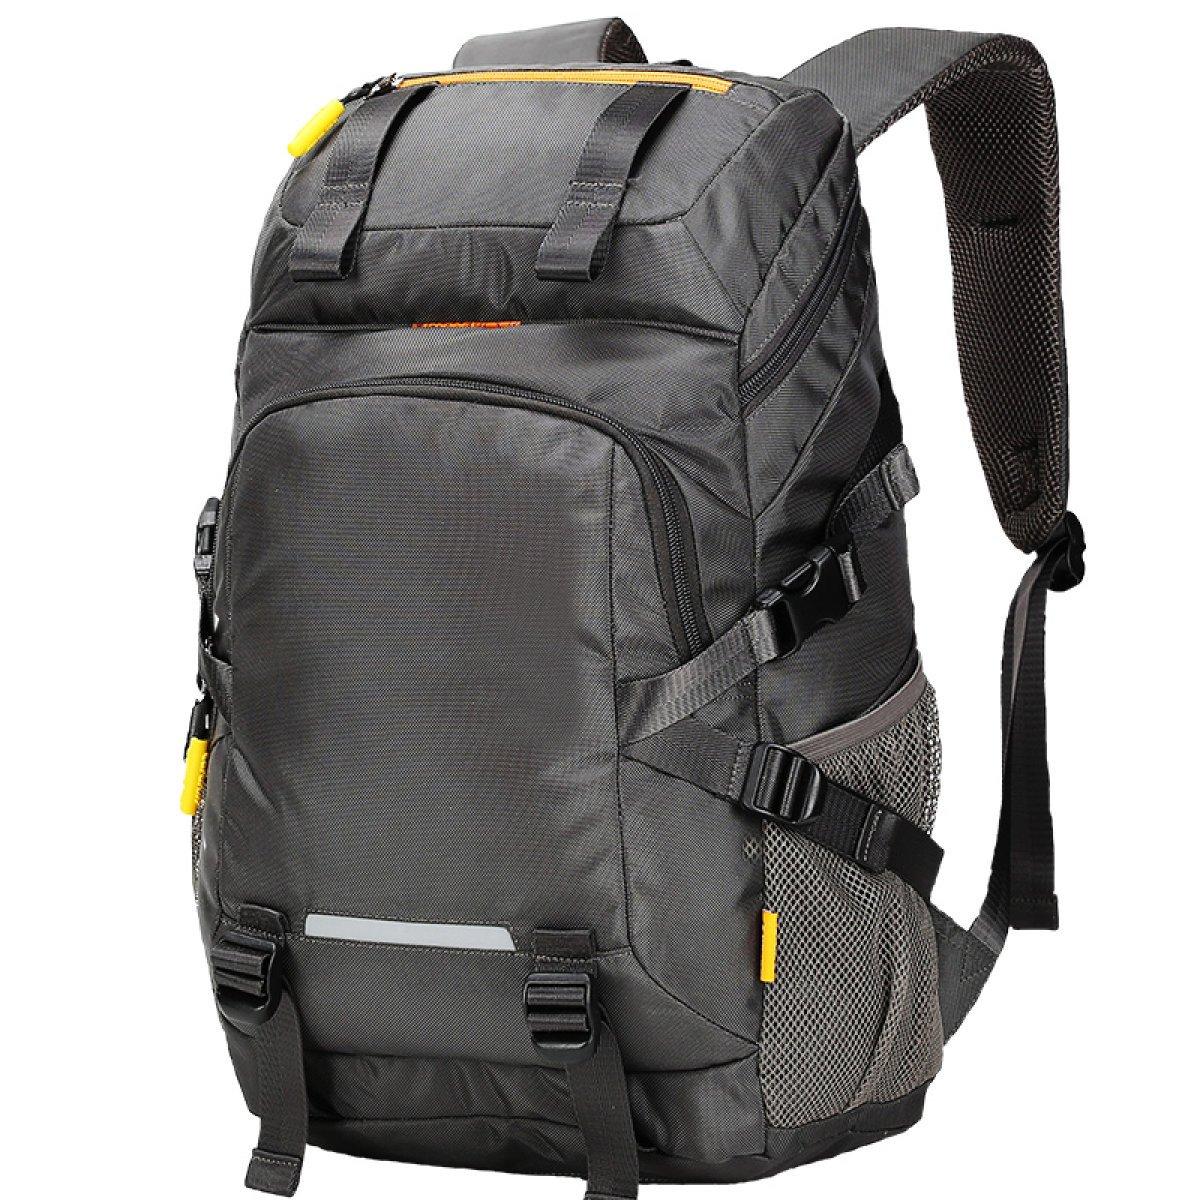 LAIDAYE Außentasche Bergsteigen Taschen Sporttaschen Geschäfttaschen Reisetaschen Massenbeutel Wasserdichter Beutel Schulter